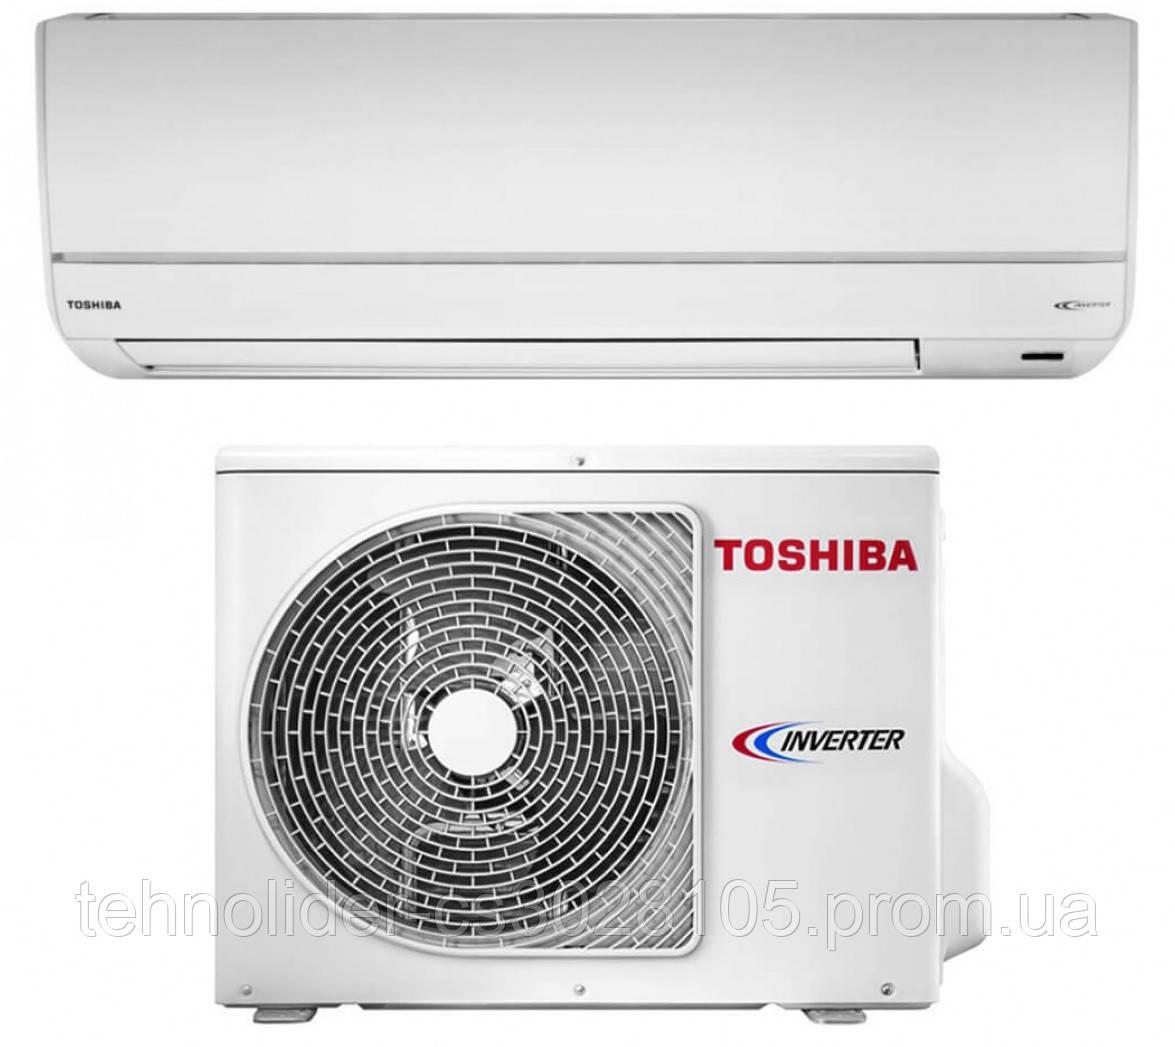 Кондиционер сплит-система Toshiba RAS-167SKV-E7/RAS-167SAV-E5 AVANT